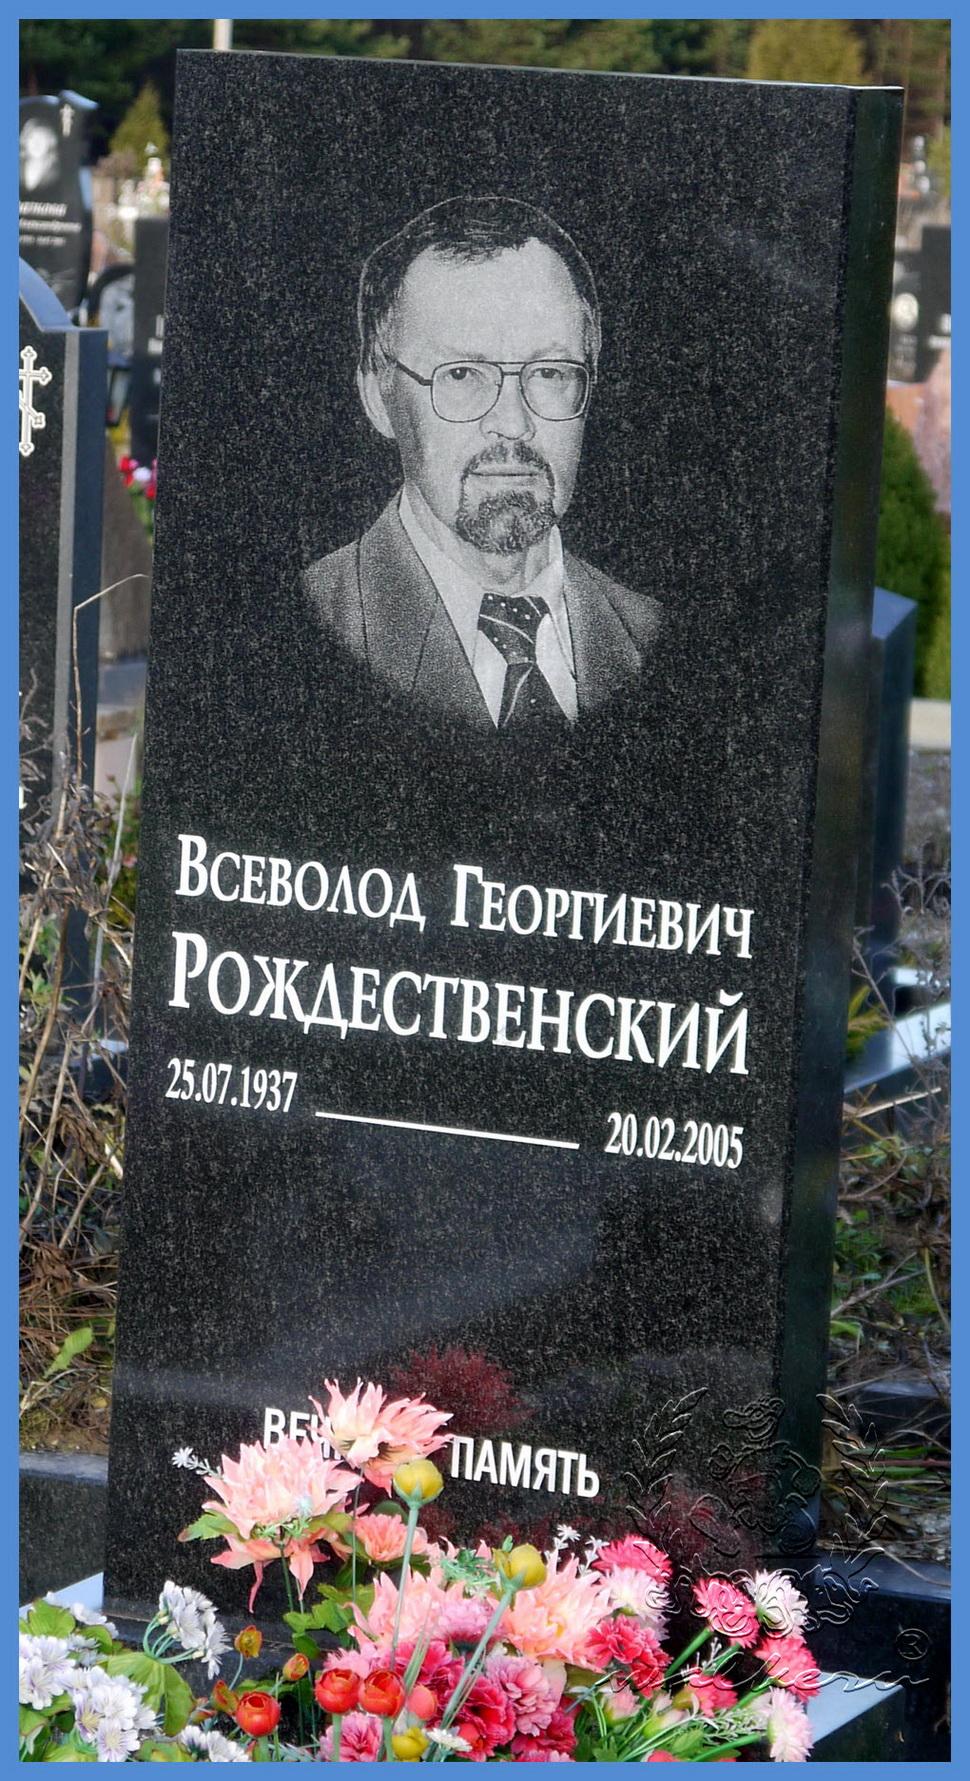 Рождественский Всеволод Георгиевич